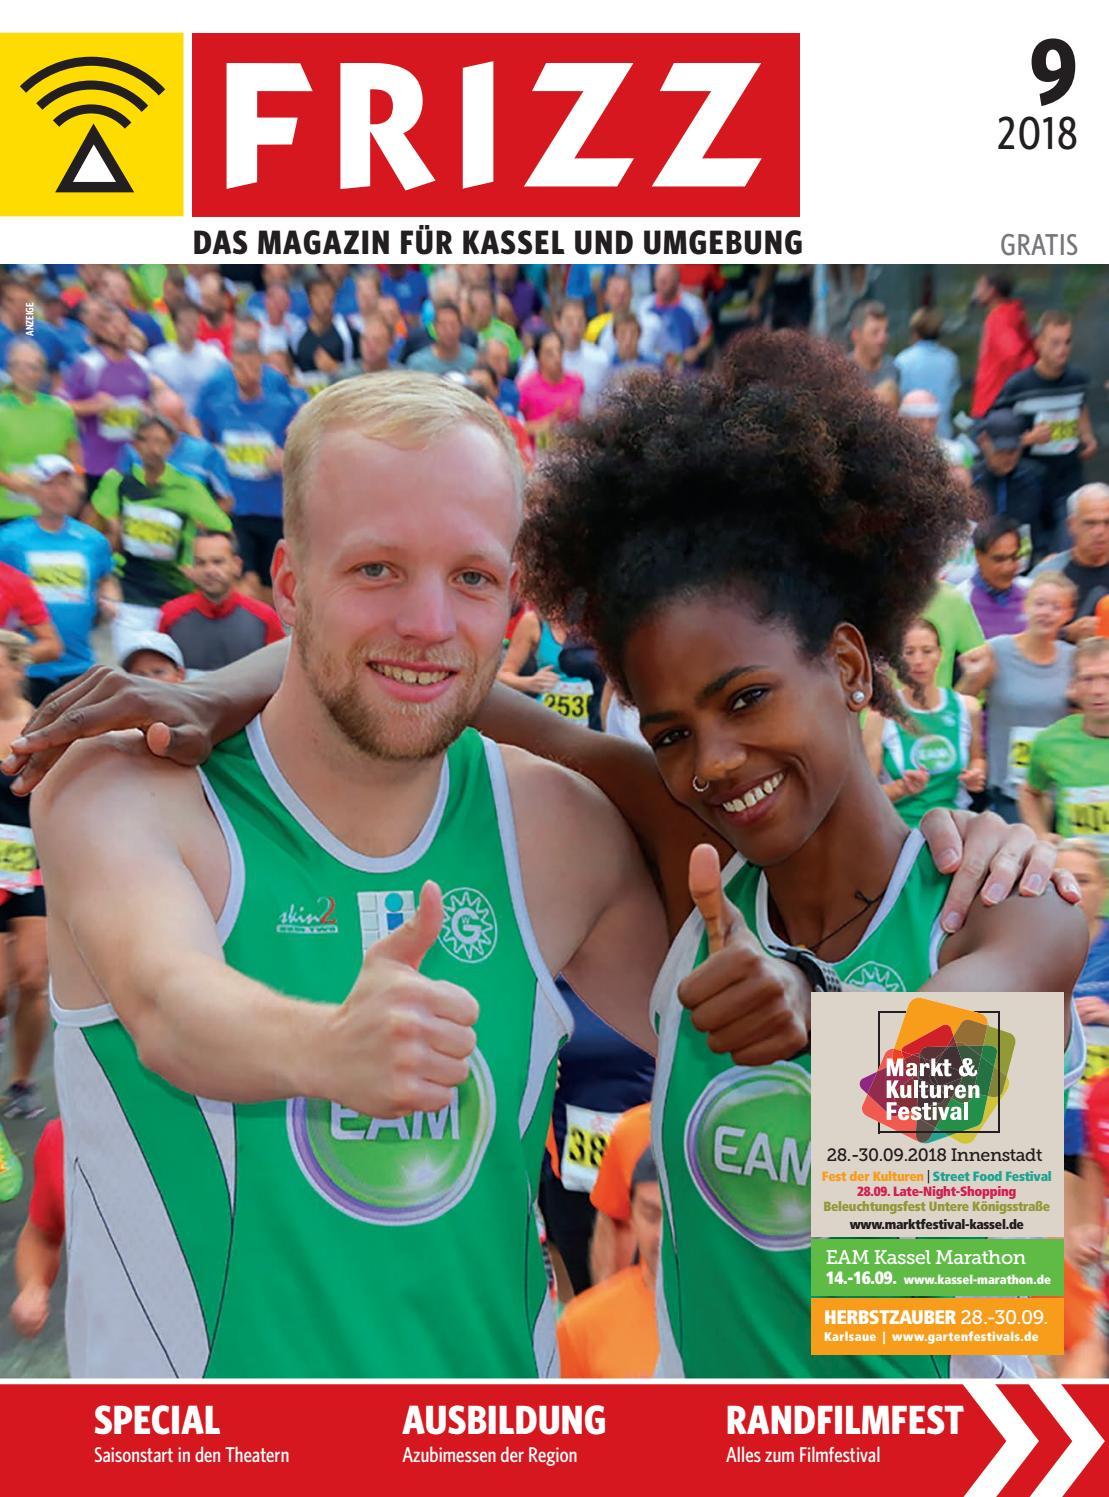 Frizz Das Magazin Kassel September 2018 By Frizz Kassel Issuu